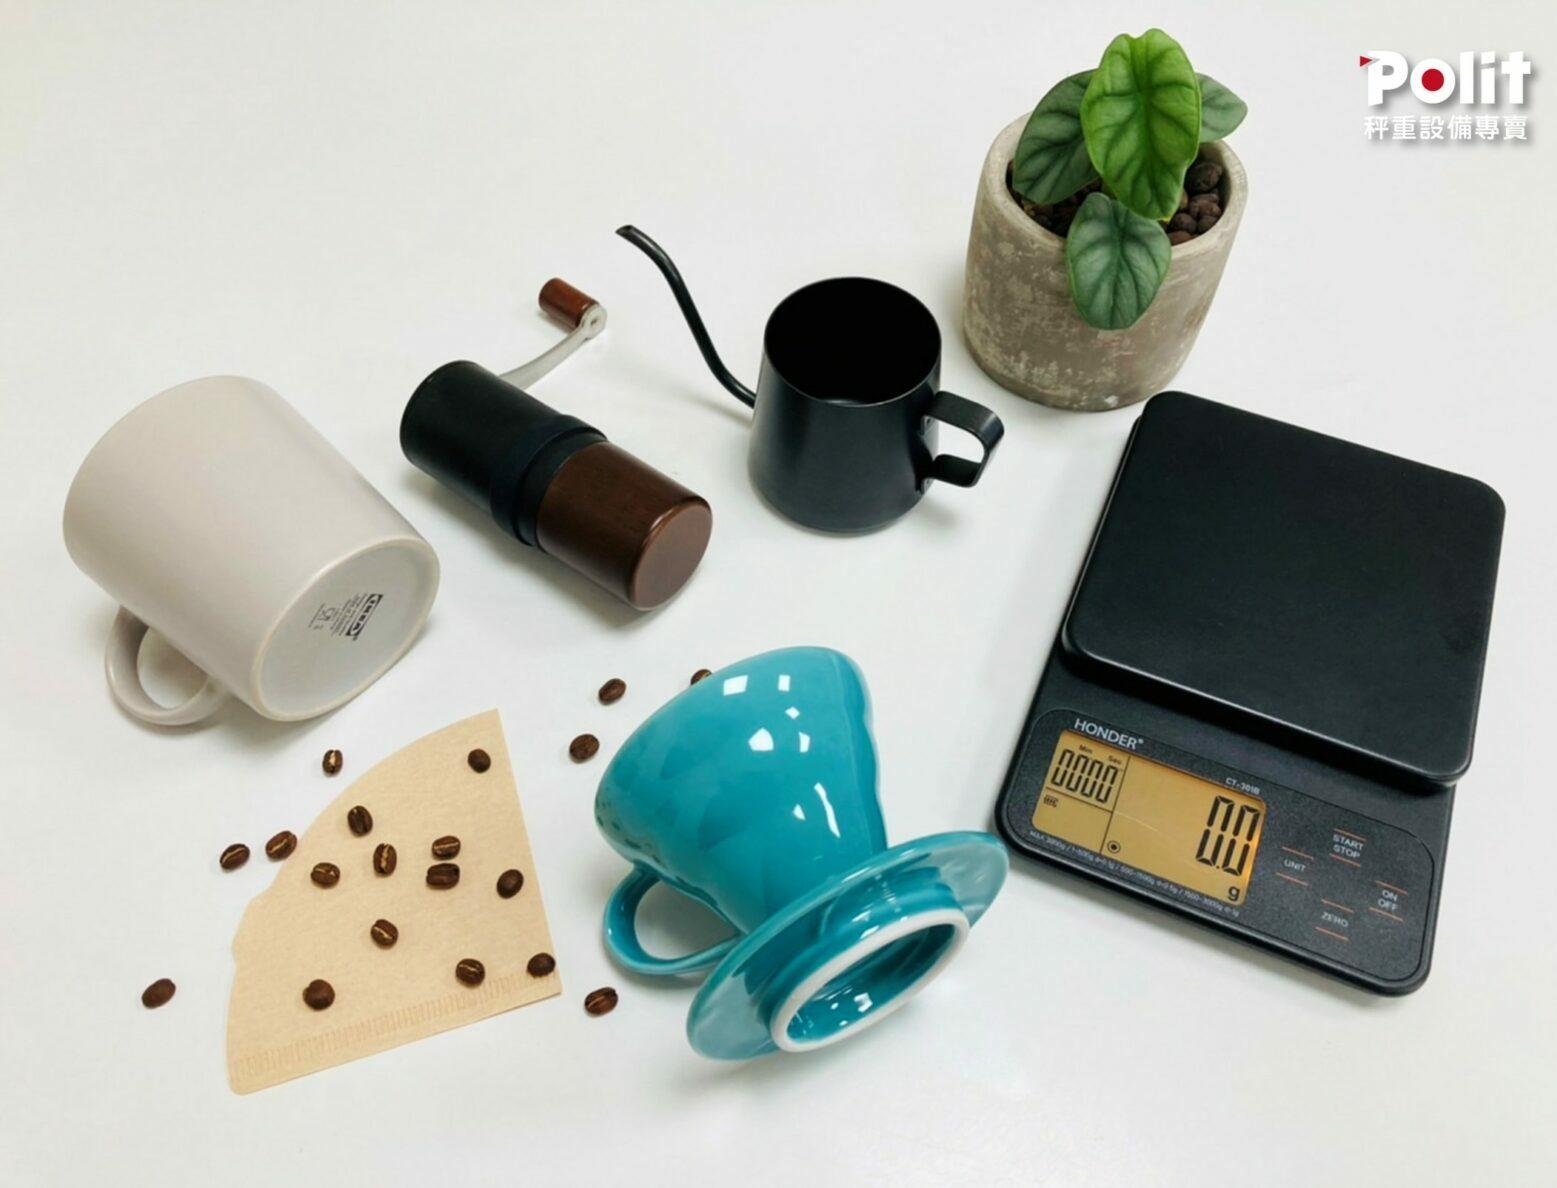 詢問度超高 手沖新手必看器具推薦 手沖咖啡比例 新手練習必備咖啡秤   沛禮國際 Polit 電子秤專賣